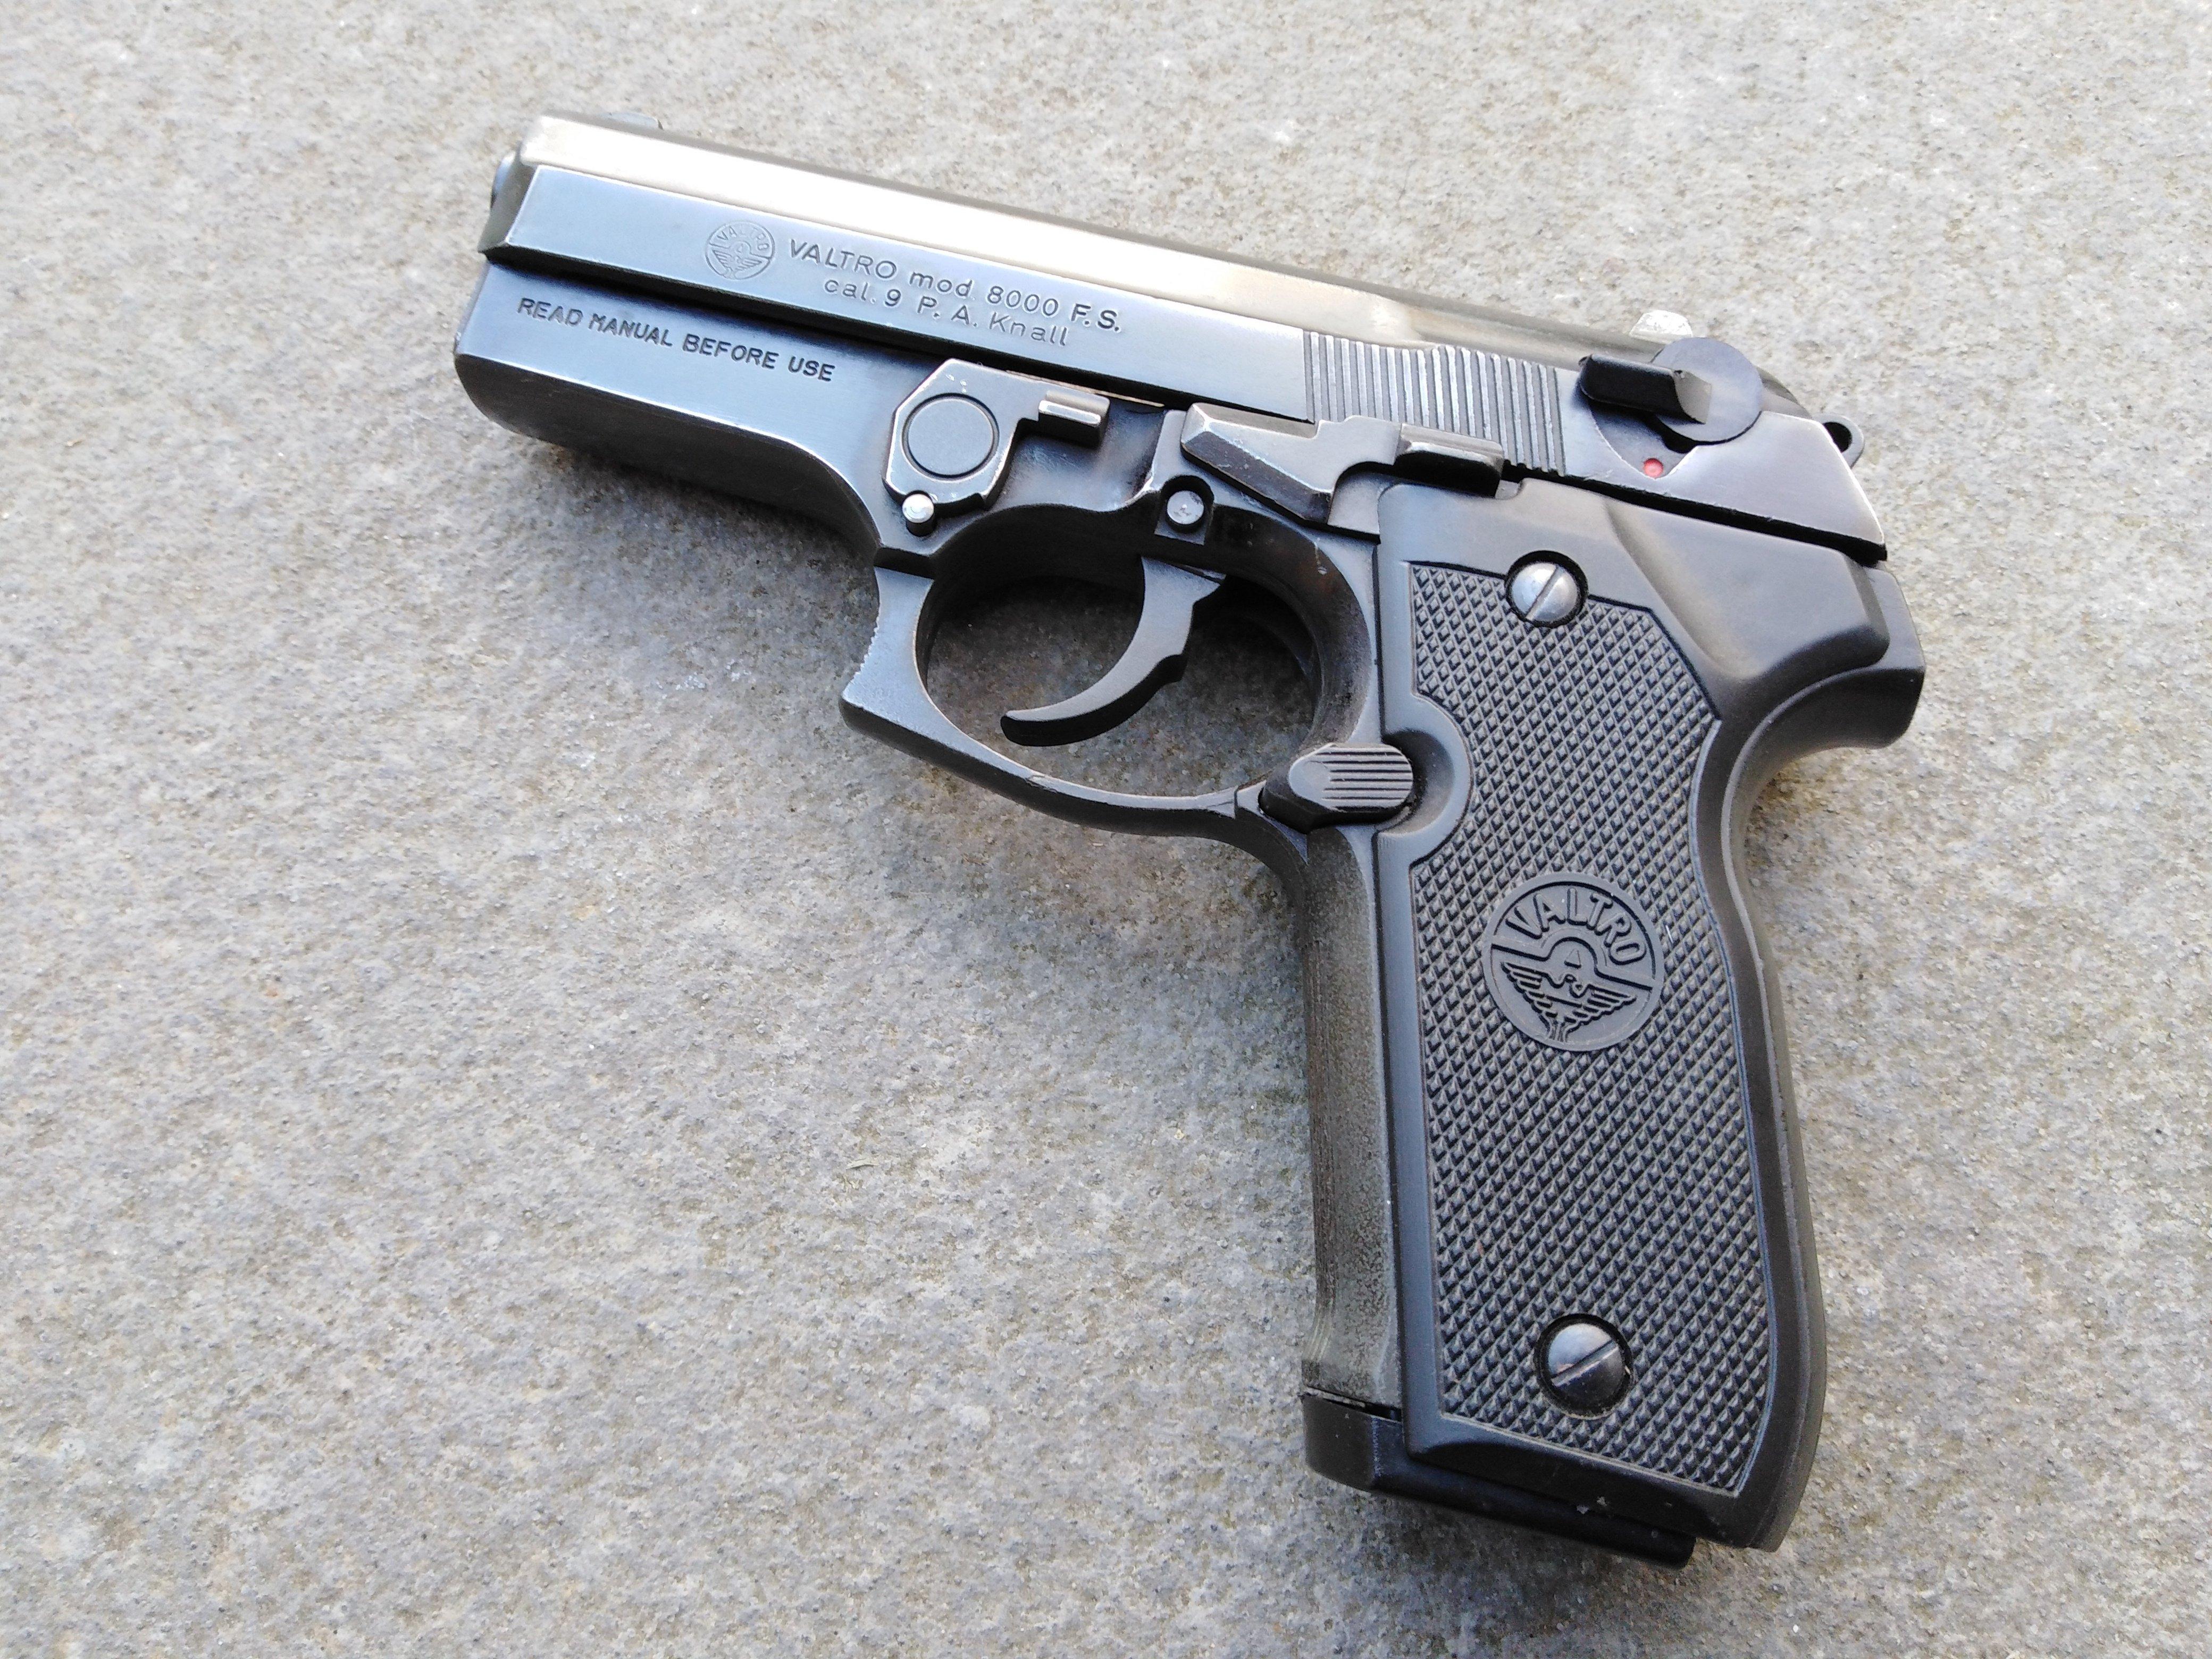 Valtro Beretta 8000fs 9mm